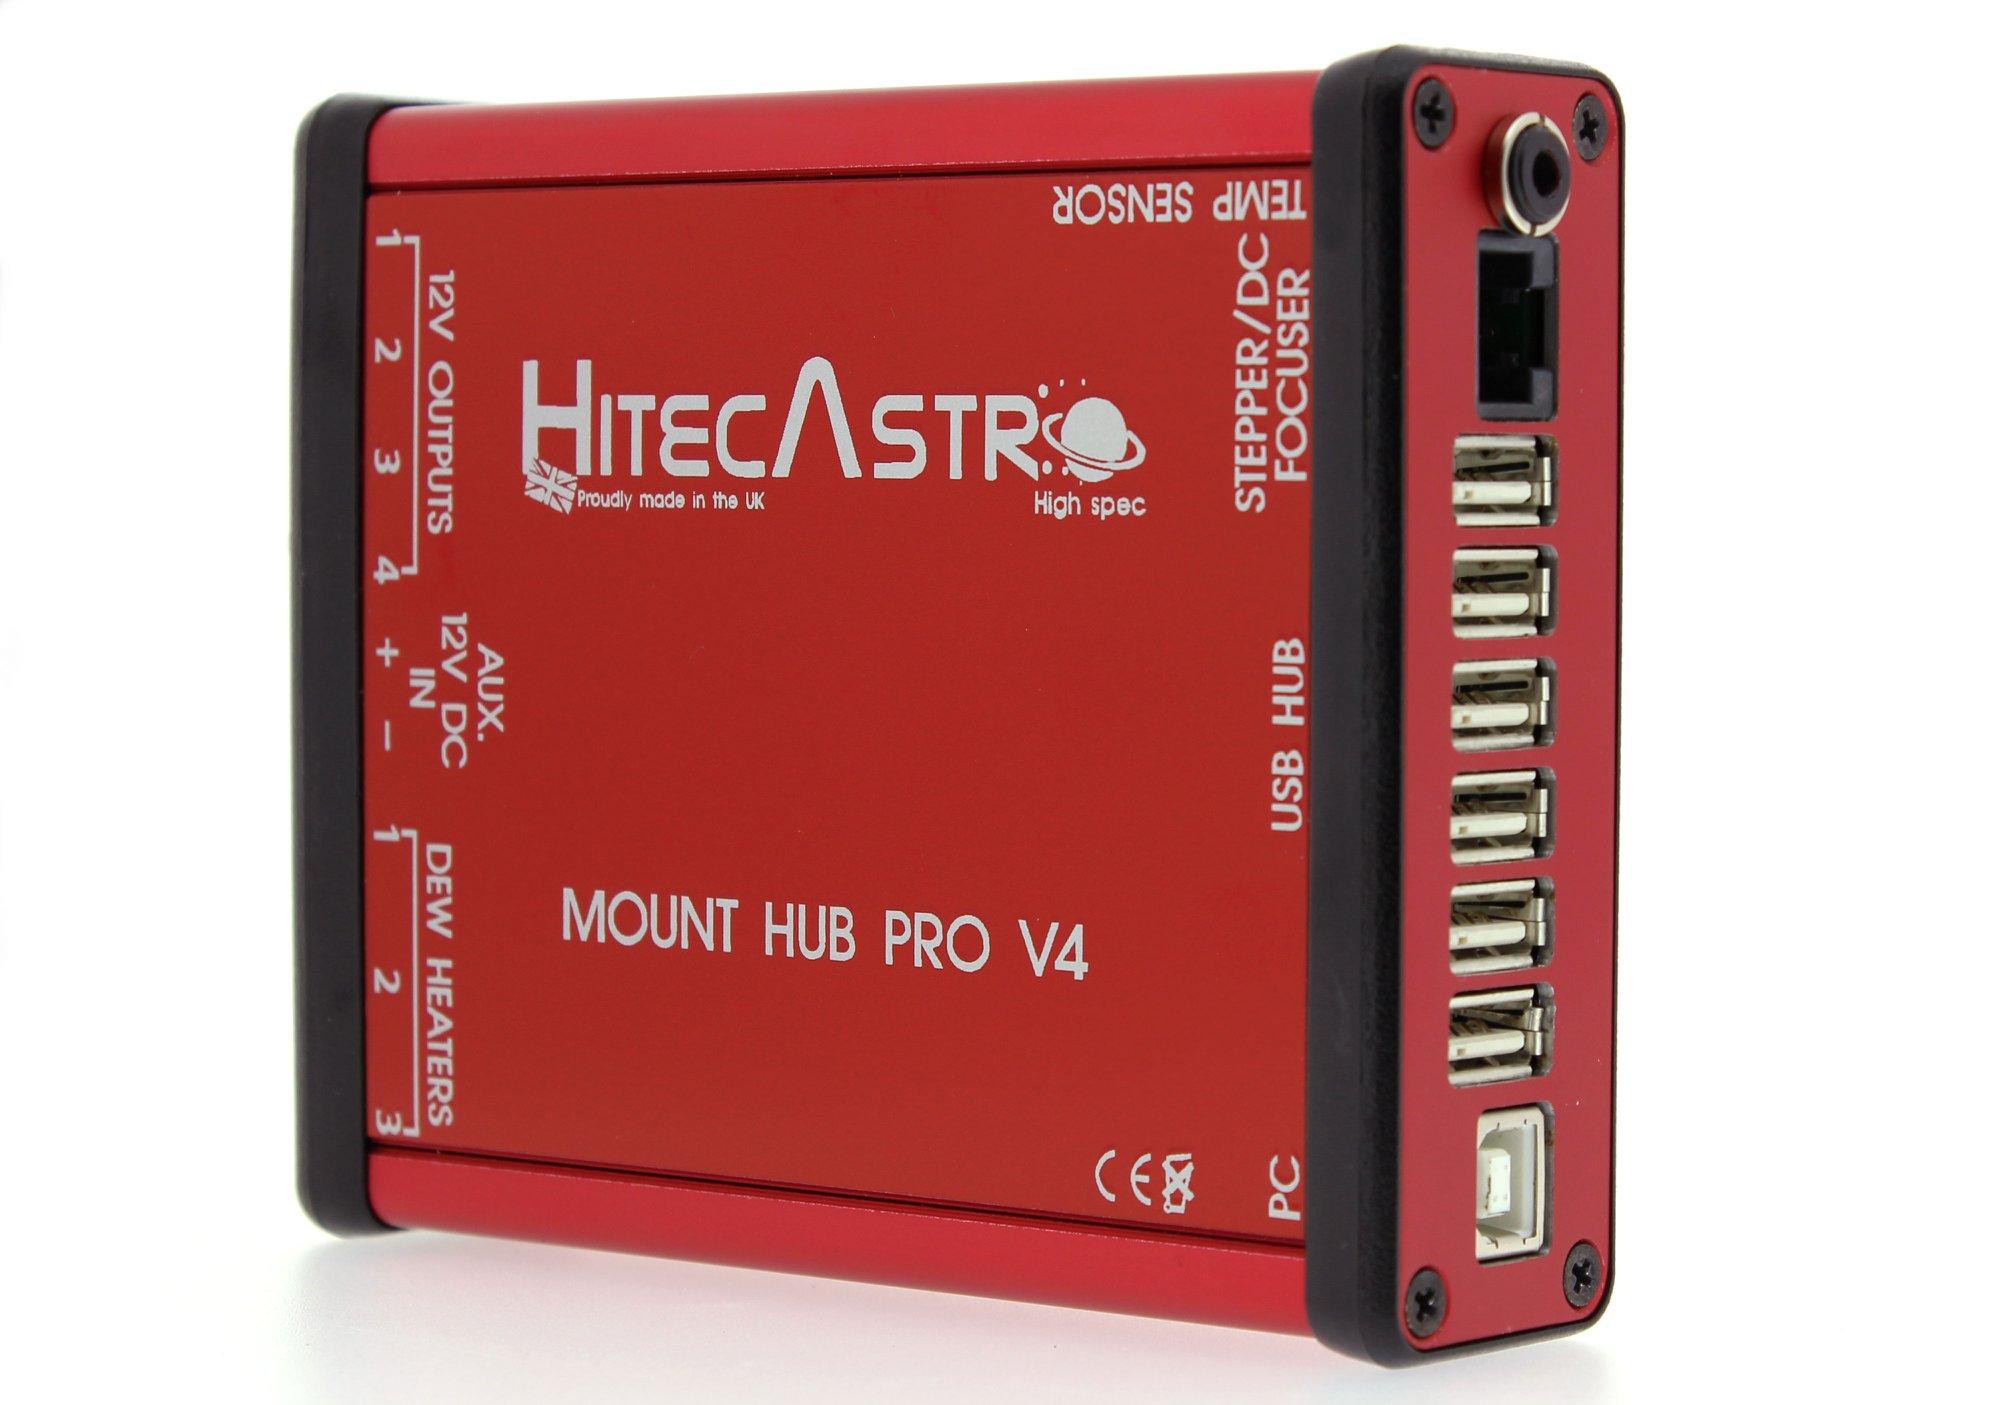 Mount Hub Pro v4